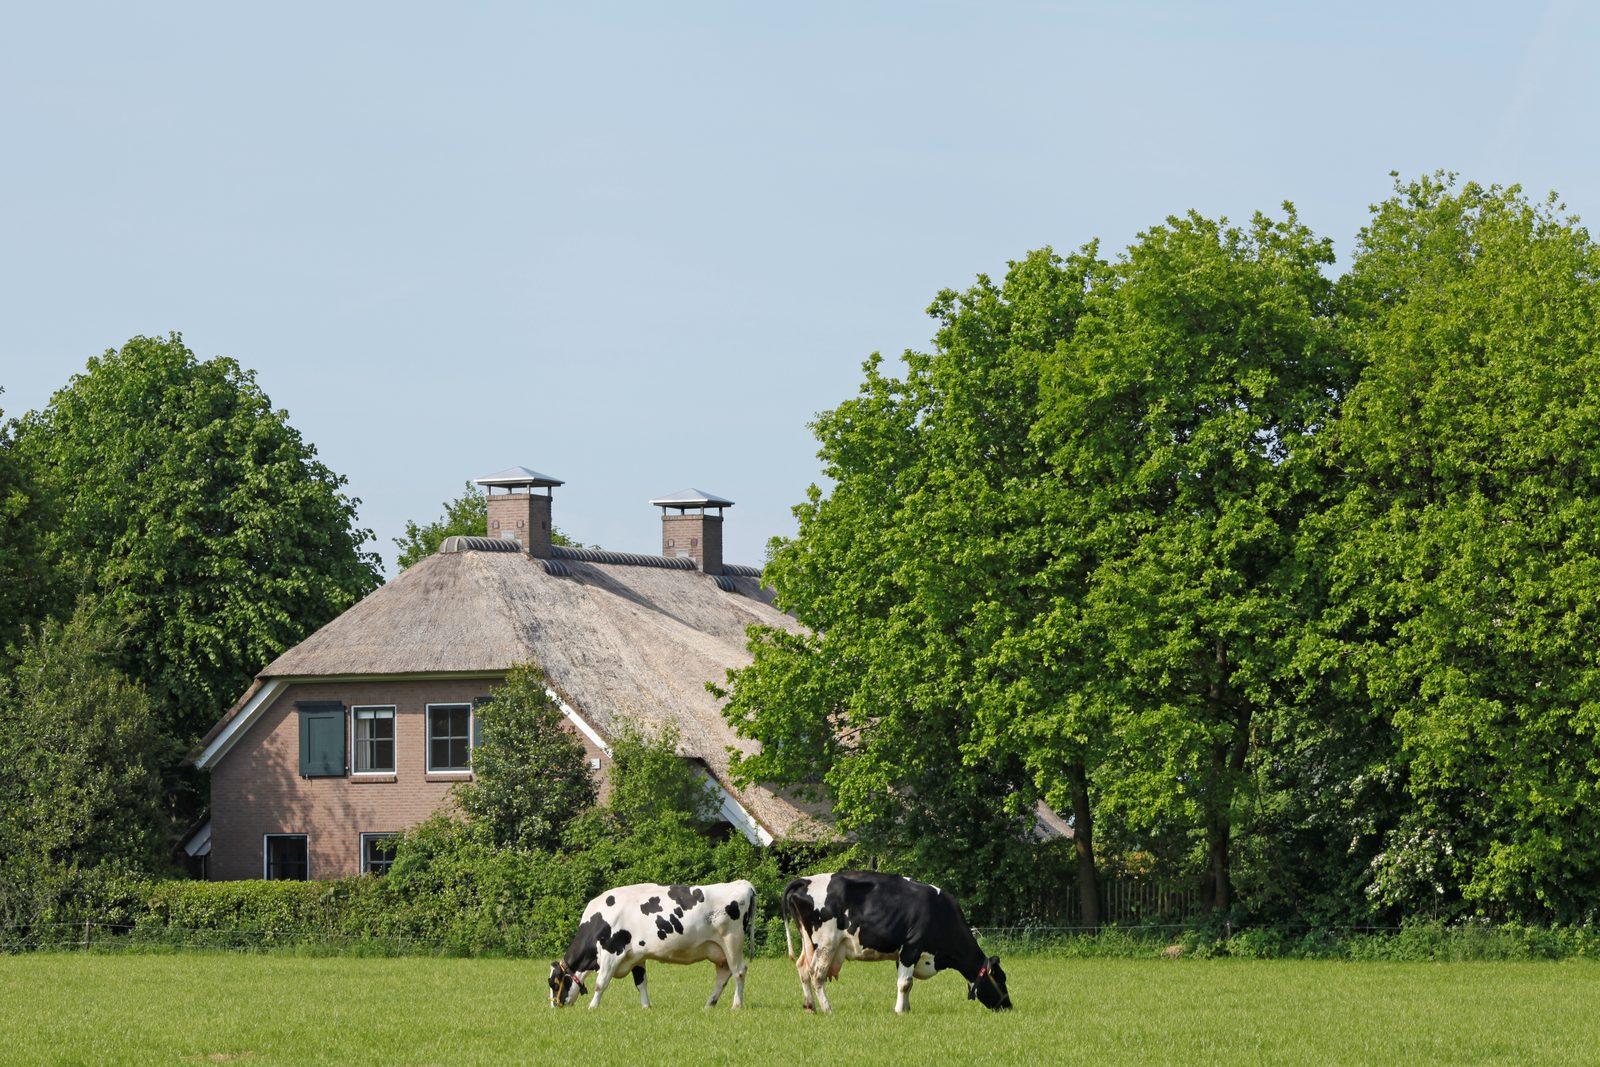 Grote vakantiehuizen in Nederland voor een familie- of vriendenweekend